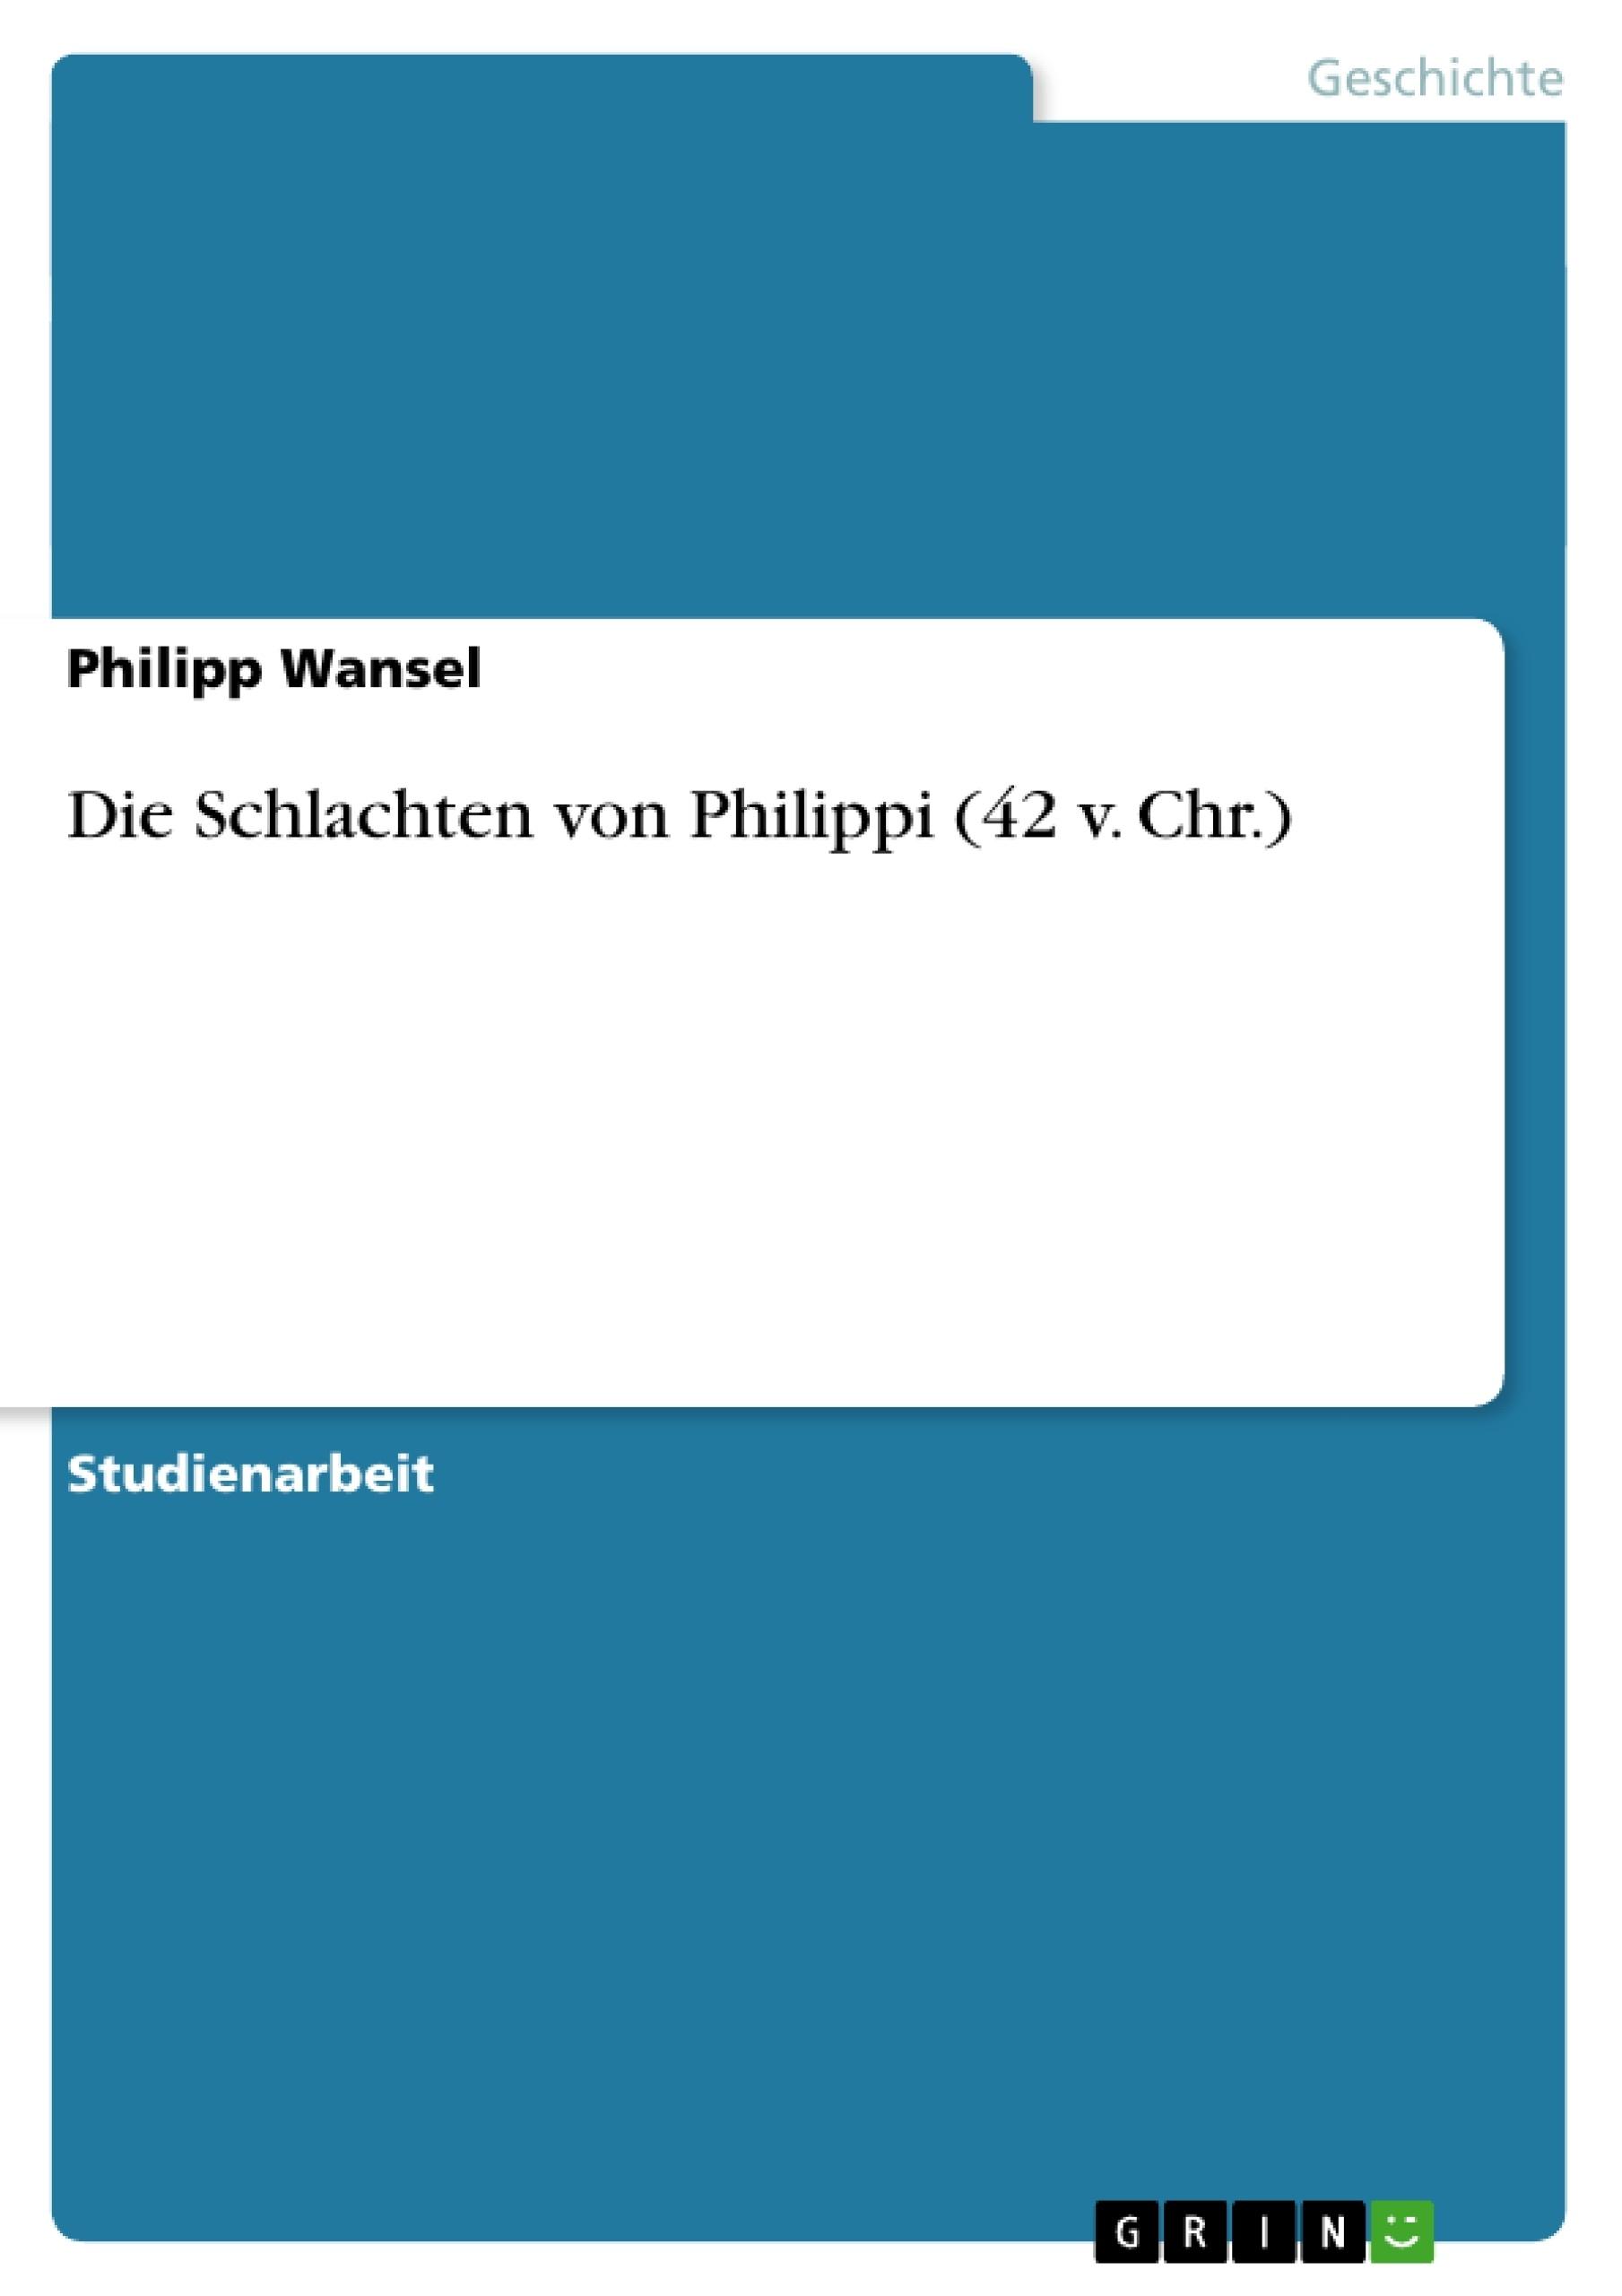 Titel: Die Schlachten von Philippi (42 v. Chr.)